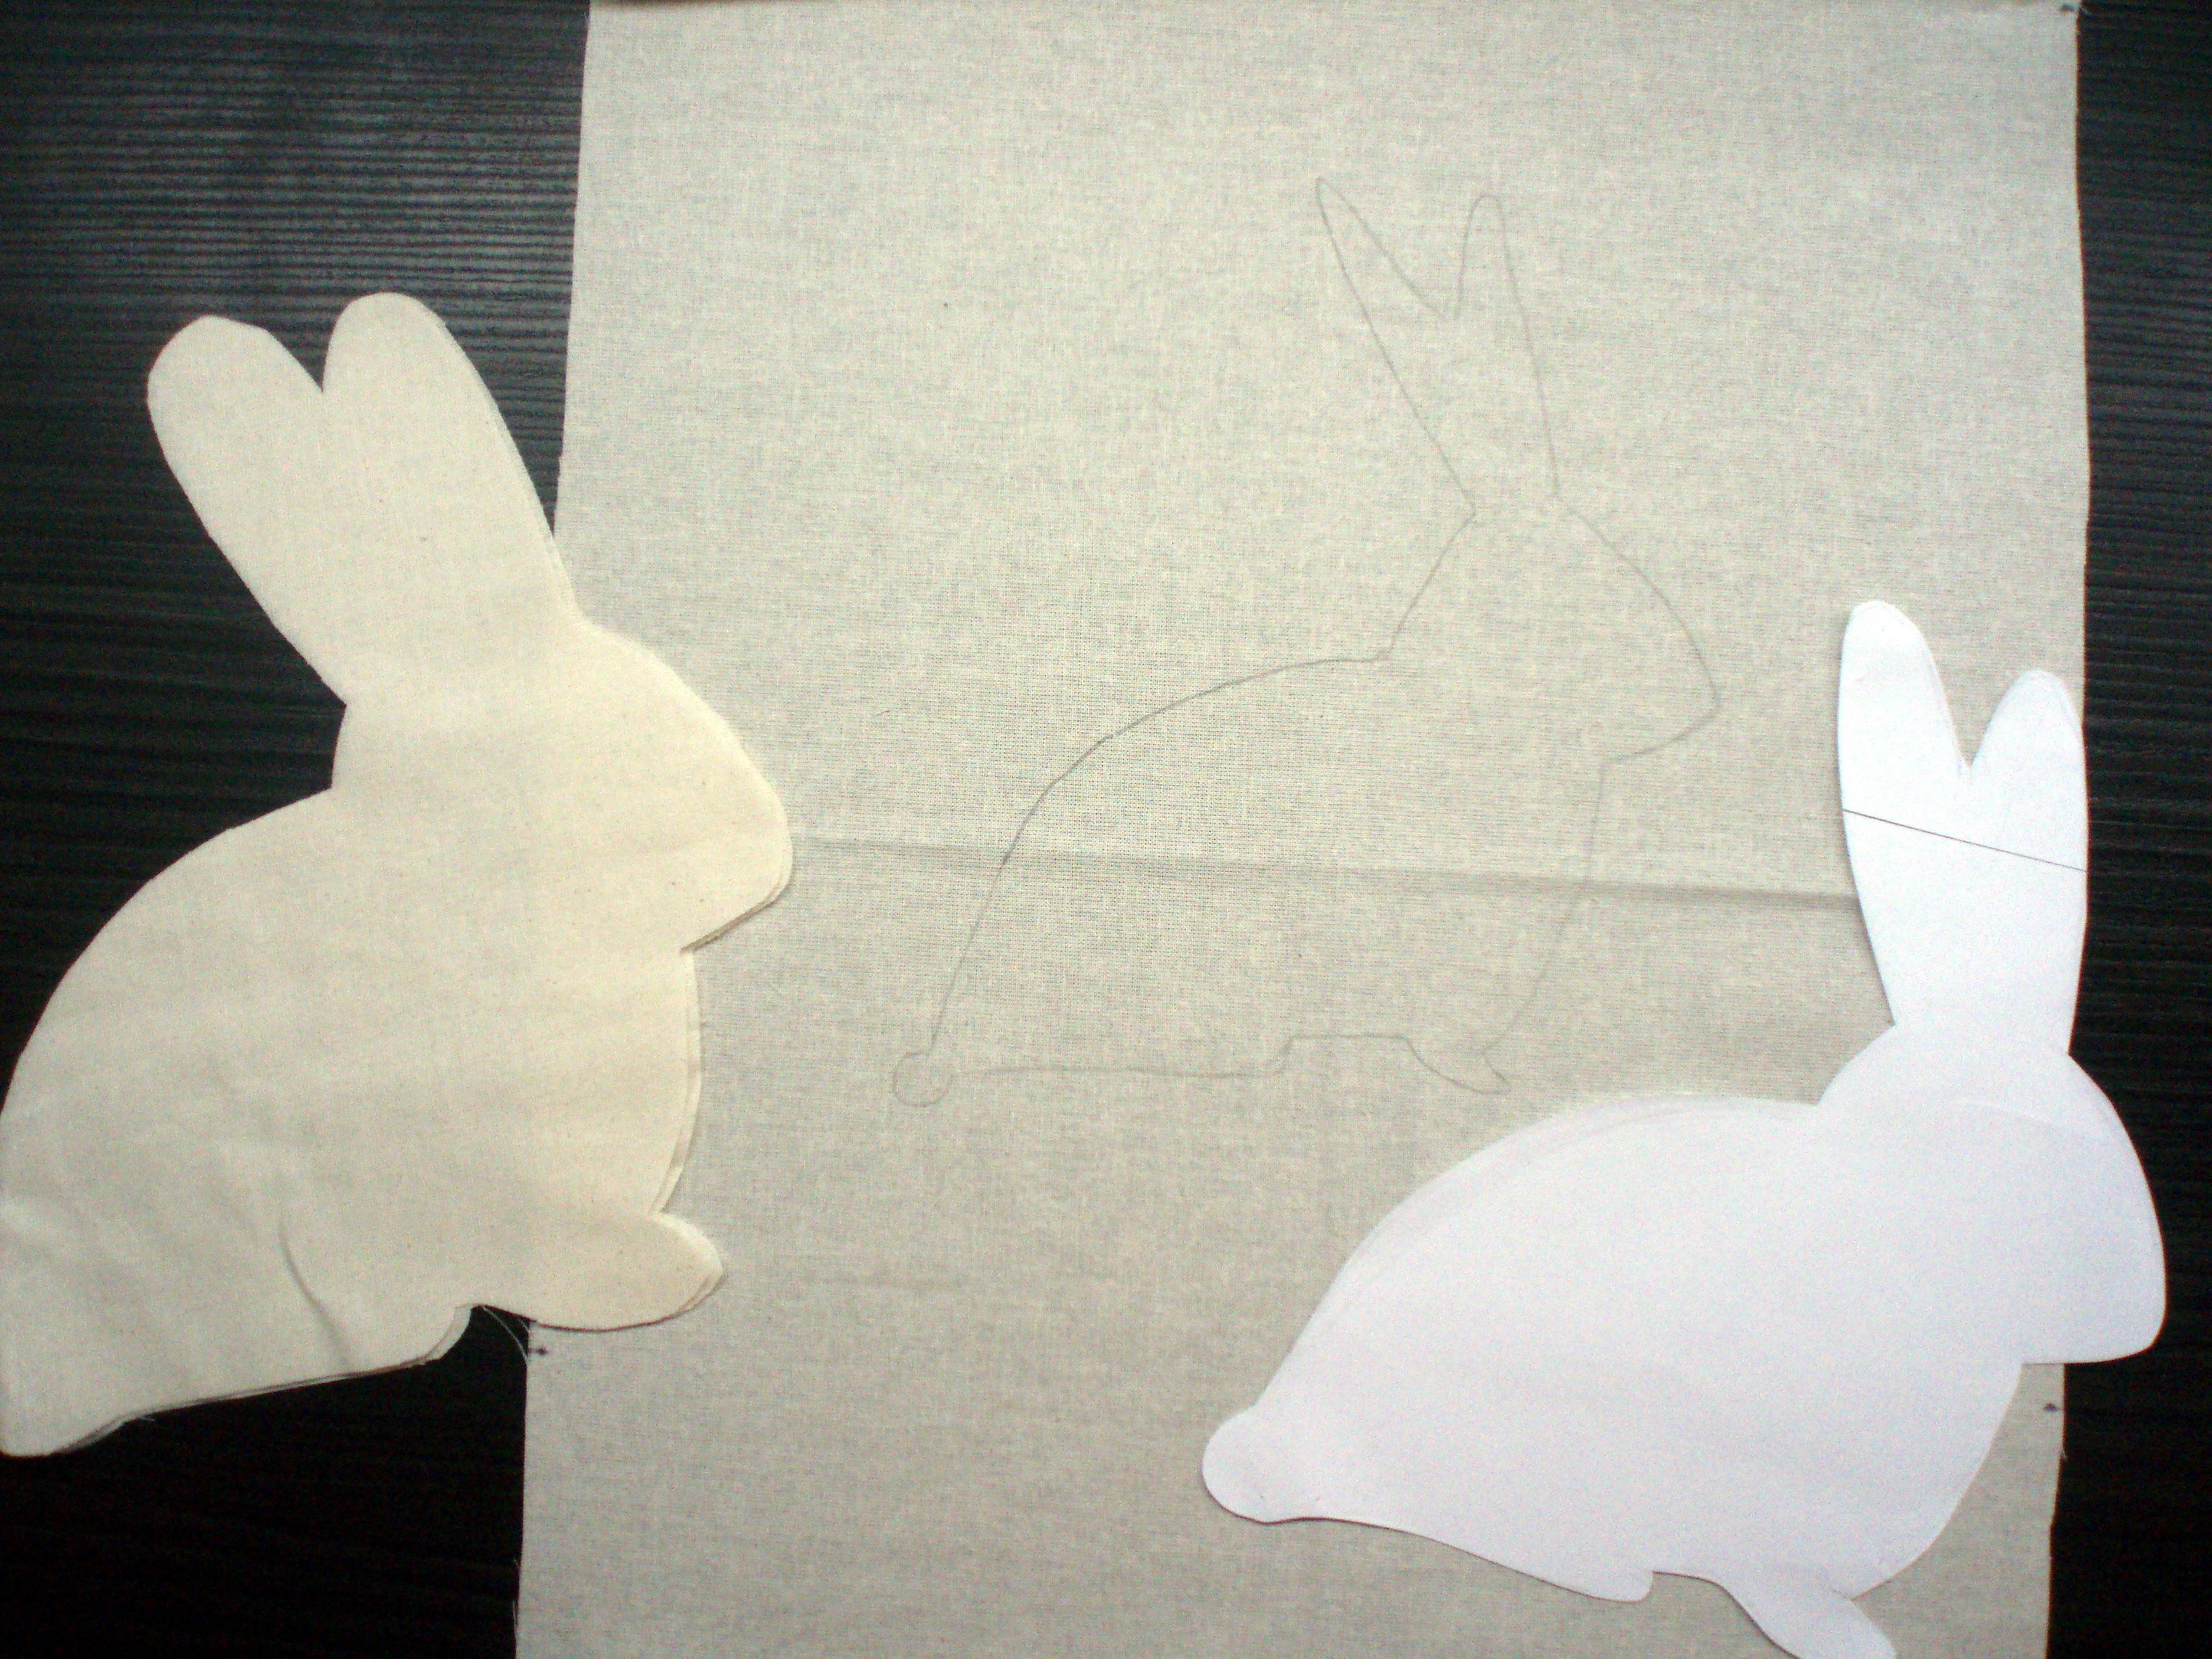 baa628e51 Z látky na zajka si tiež vystrihneme obrys, ten ale bude o 0,5cm väčší ako  predloha.